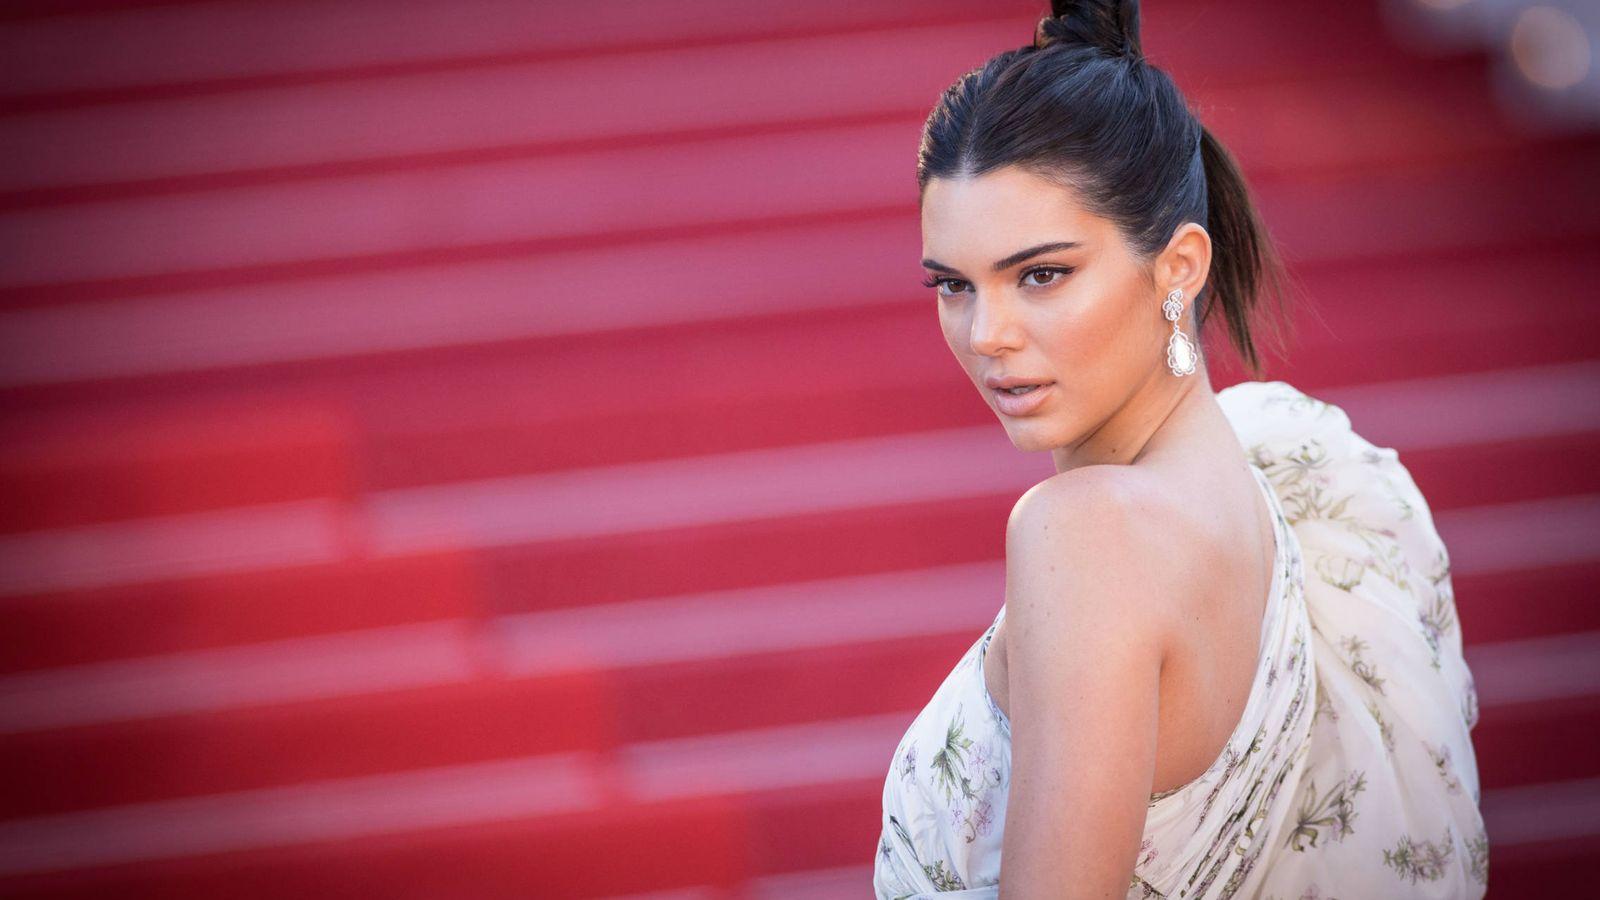 Foto: La modelo Kendall Jenner en una imagen de archivo. (Gtres)